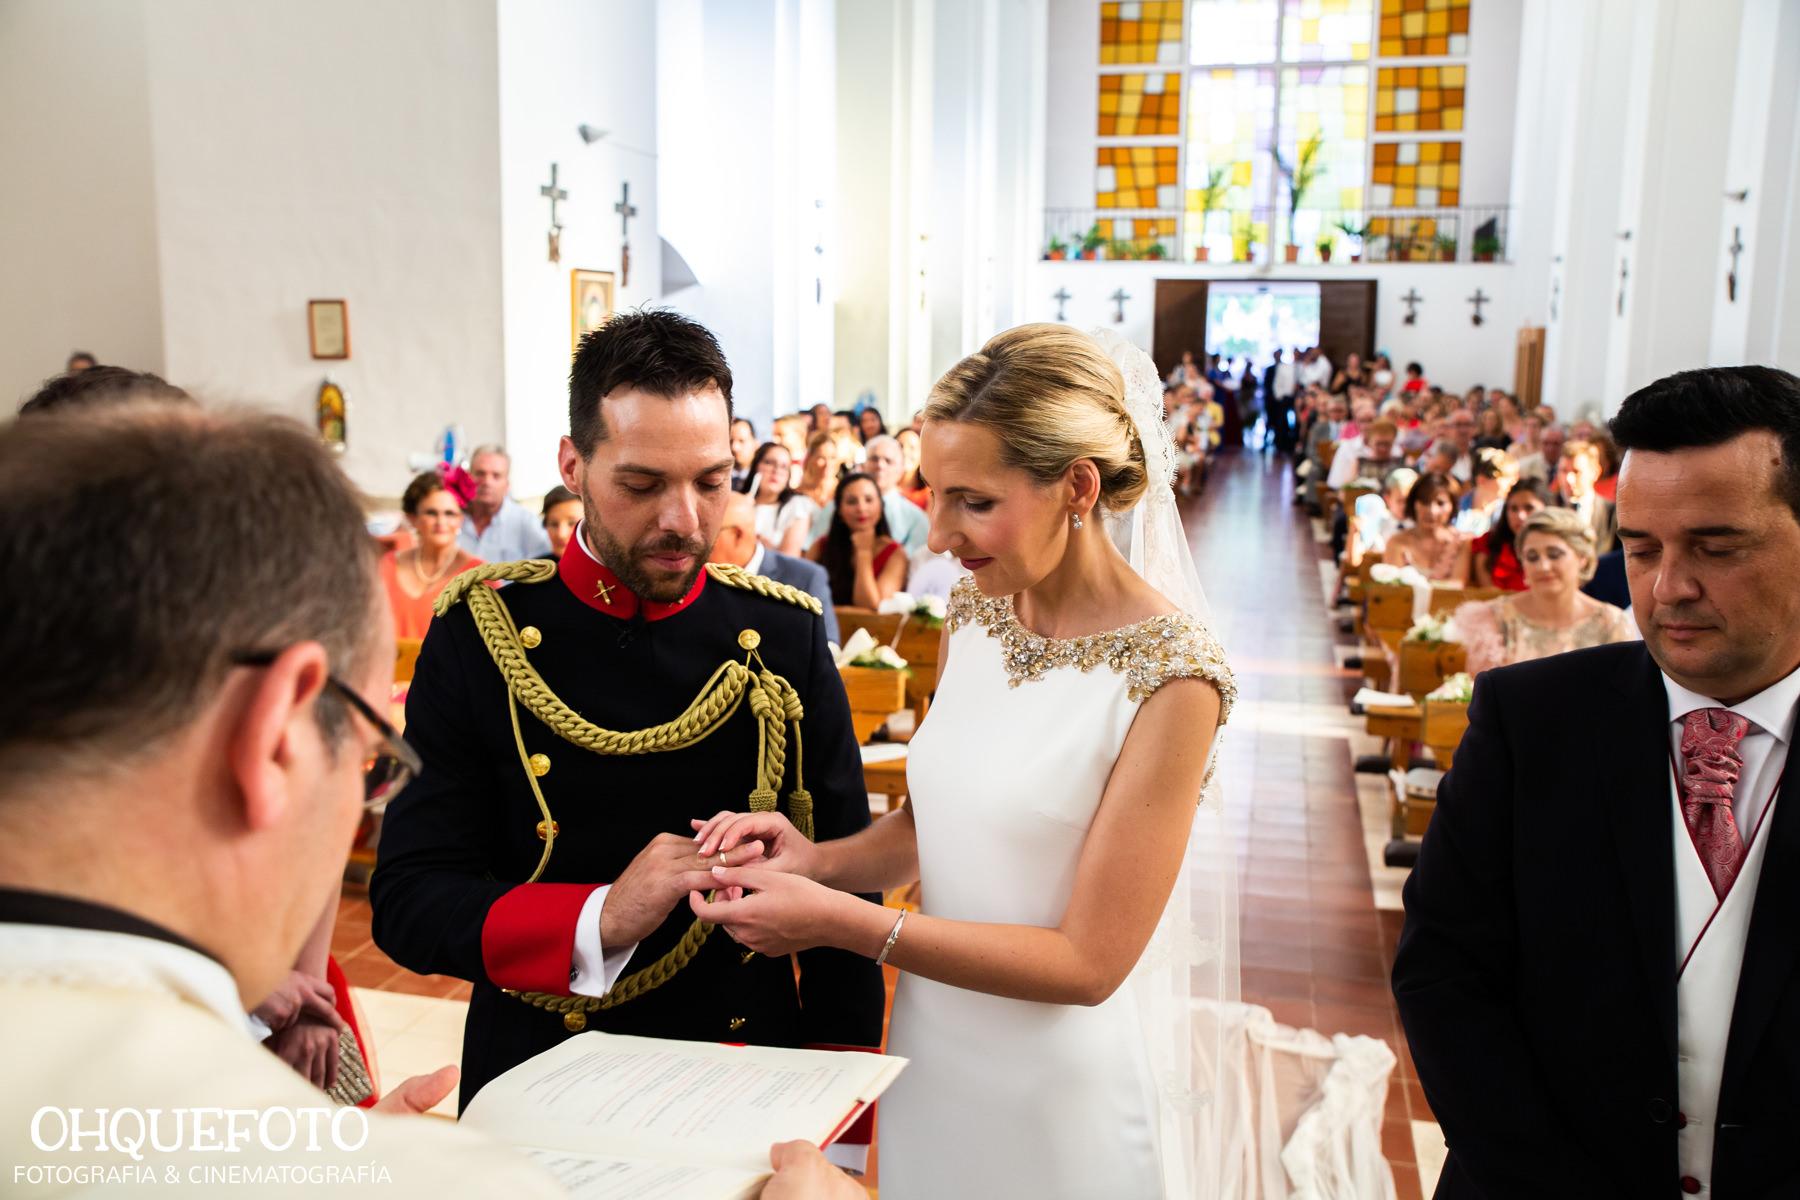 boda en la peraleda boda en cabeza del buey boda en capilla reportaje de bodas en almaden video de bodas en cordoba456 - Jose y Gema - Boda en Zarza Capilla y la Finca La Peraleda (Chillón)